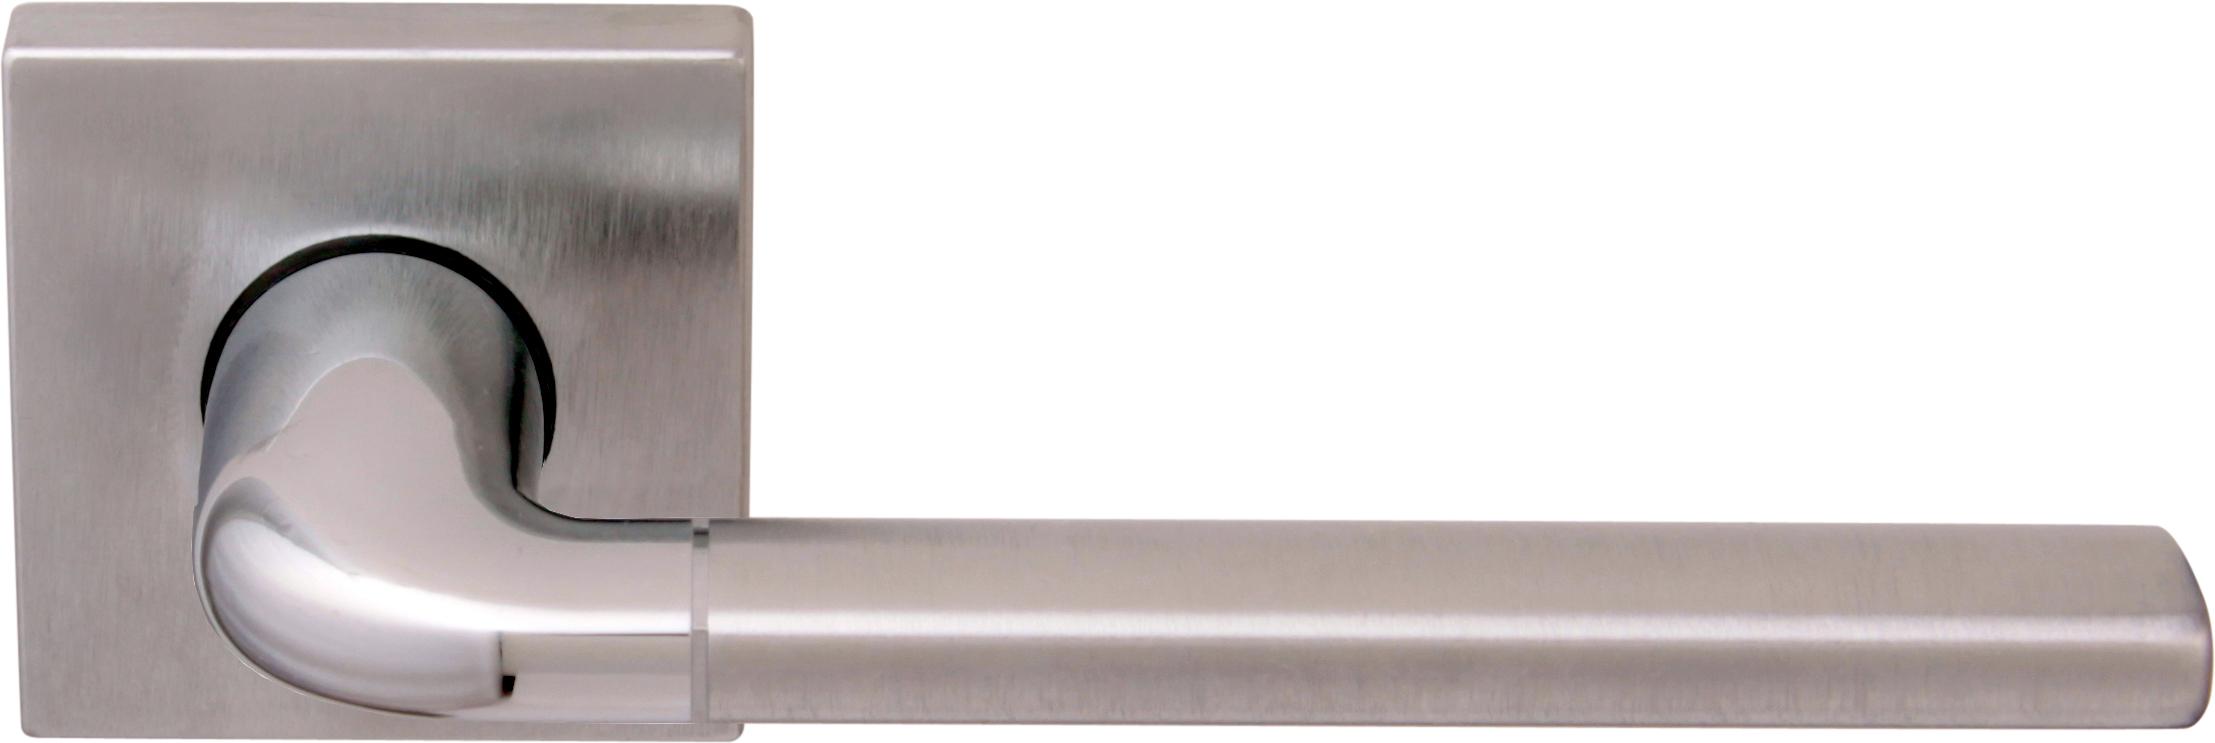 Дверная ручка на квадратной розетке 158 К MILLY2 CS/CP (50PVC)